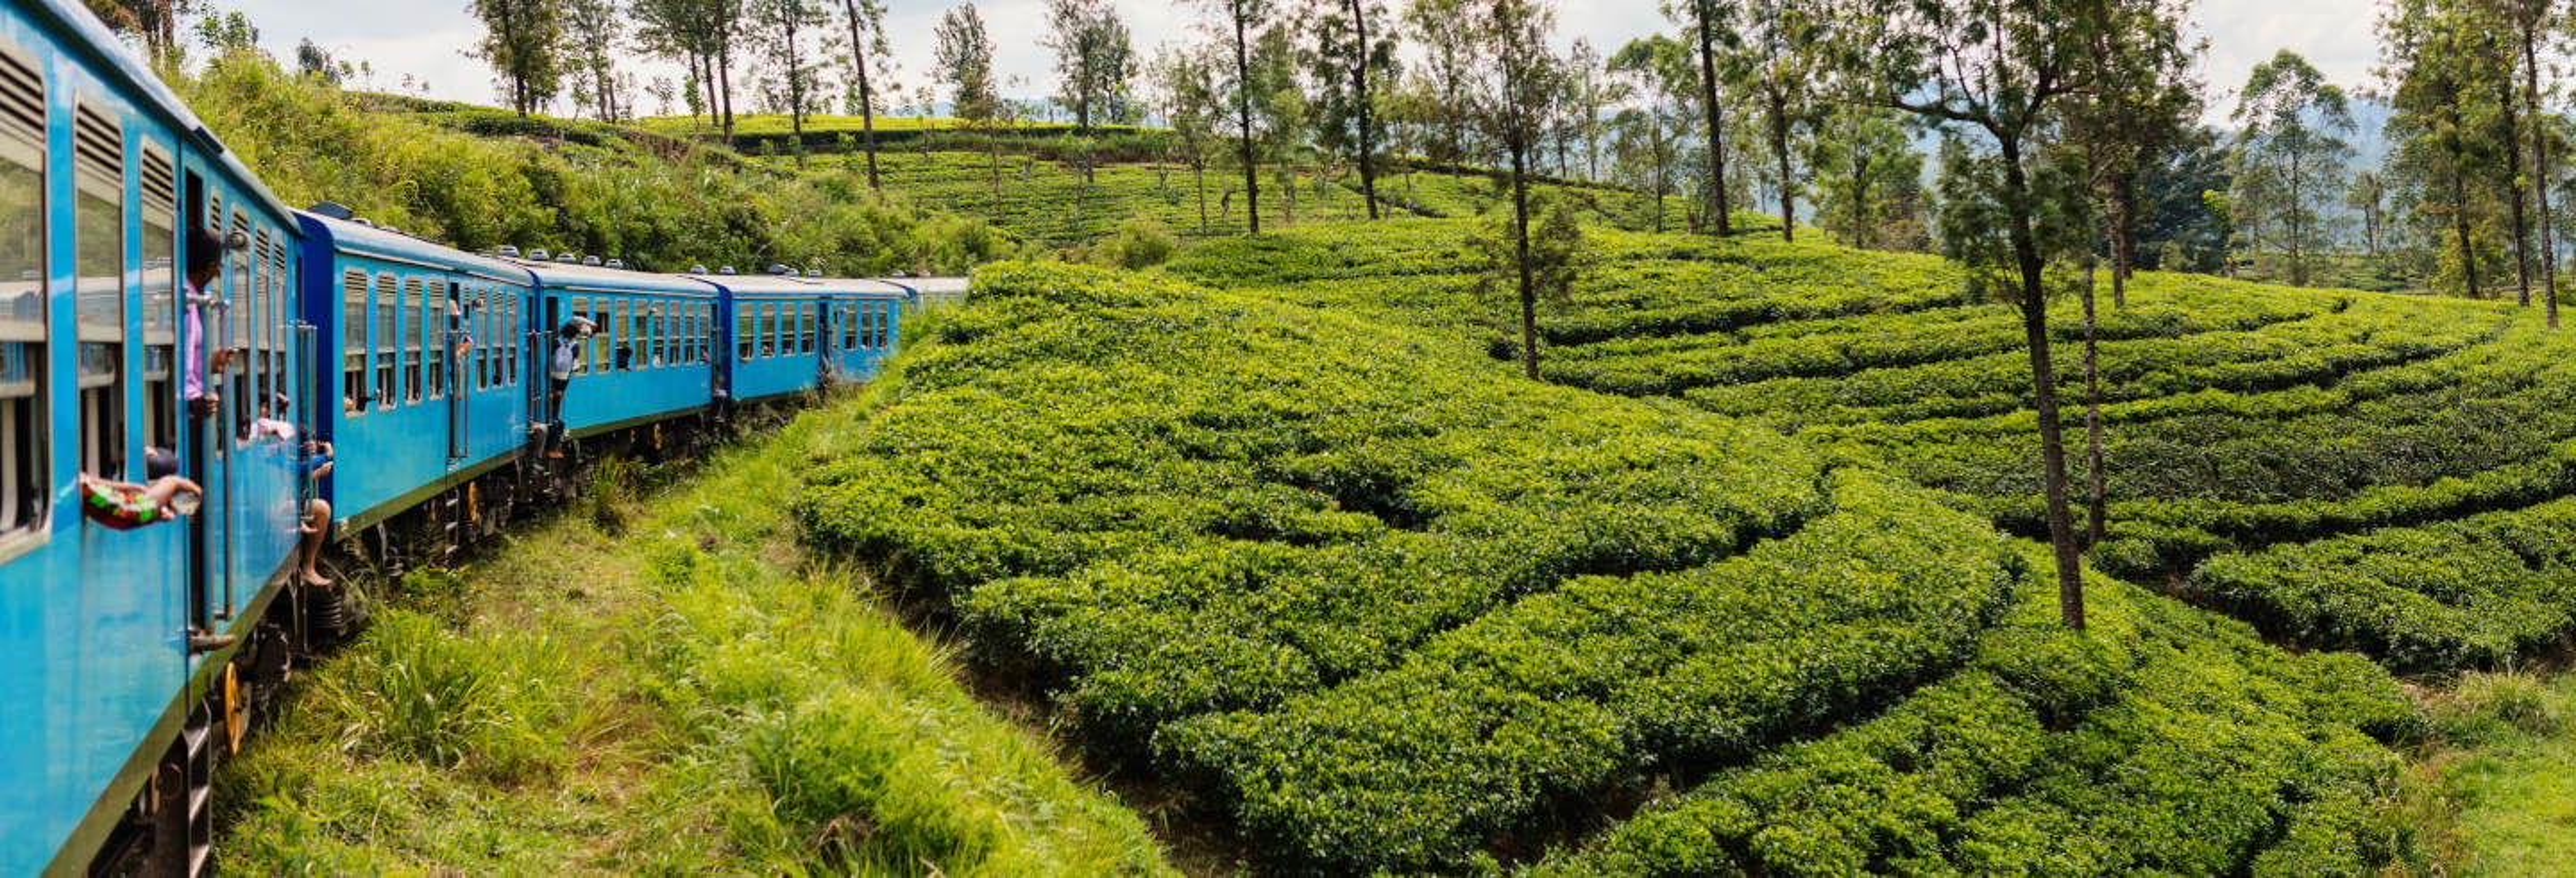 Escursione privata a Kandy